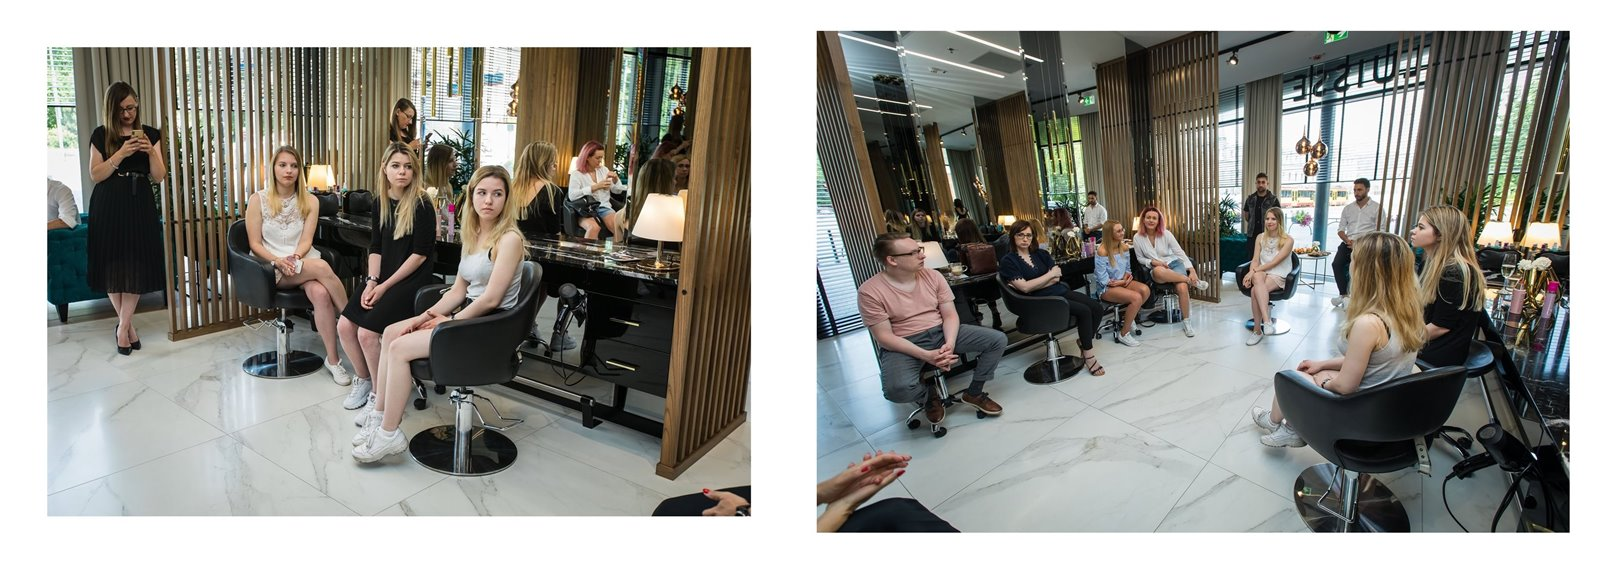 5 salon fryzjerski luisse łódź najlepszy fryzjer w łodzi gdzie pofarbować włosy w łodzi schwarzkopf opinia pielęgnacja bc fibre clinix booster na czym polega ile kosztuje cena